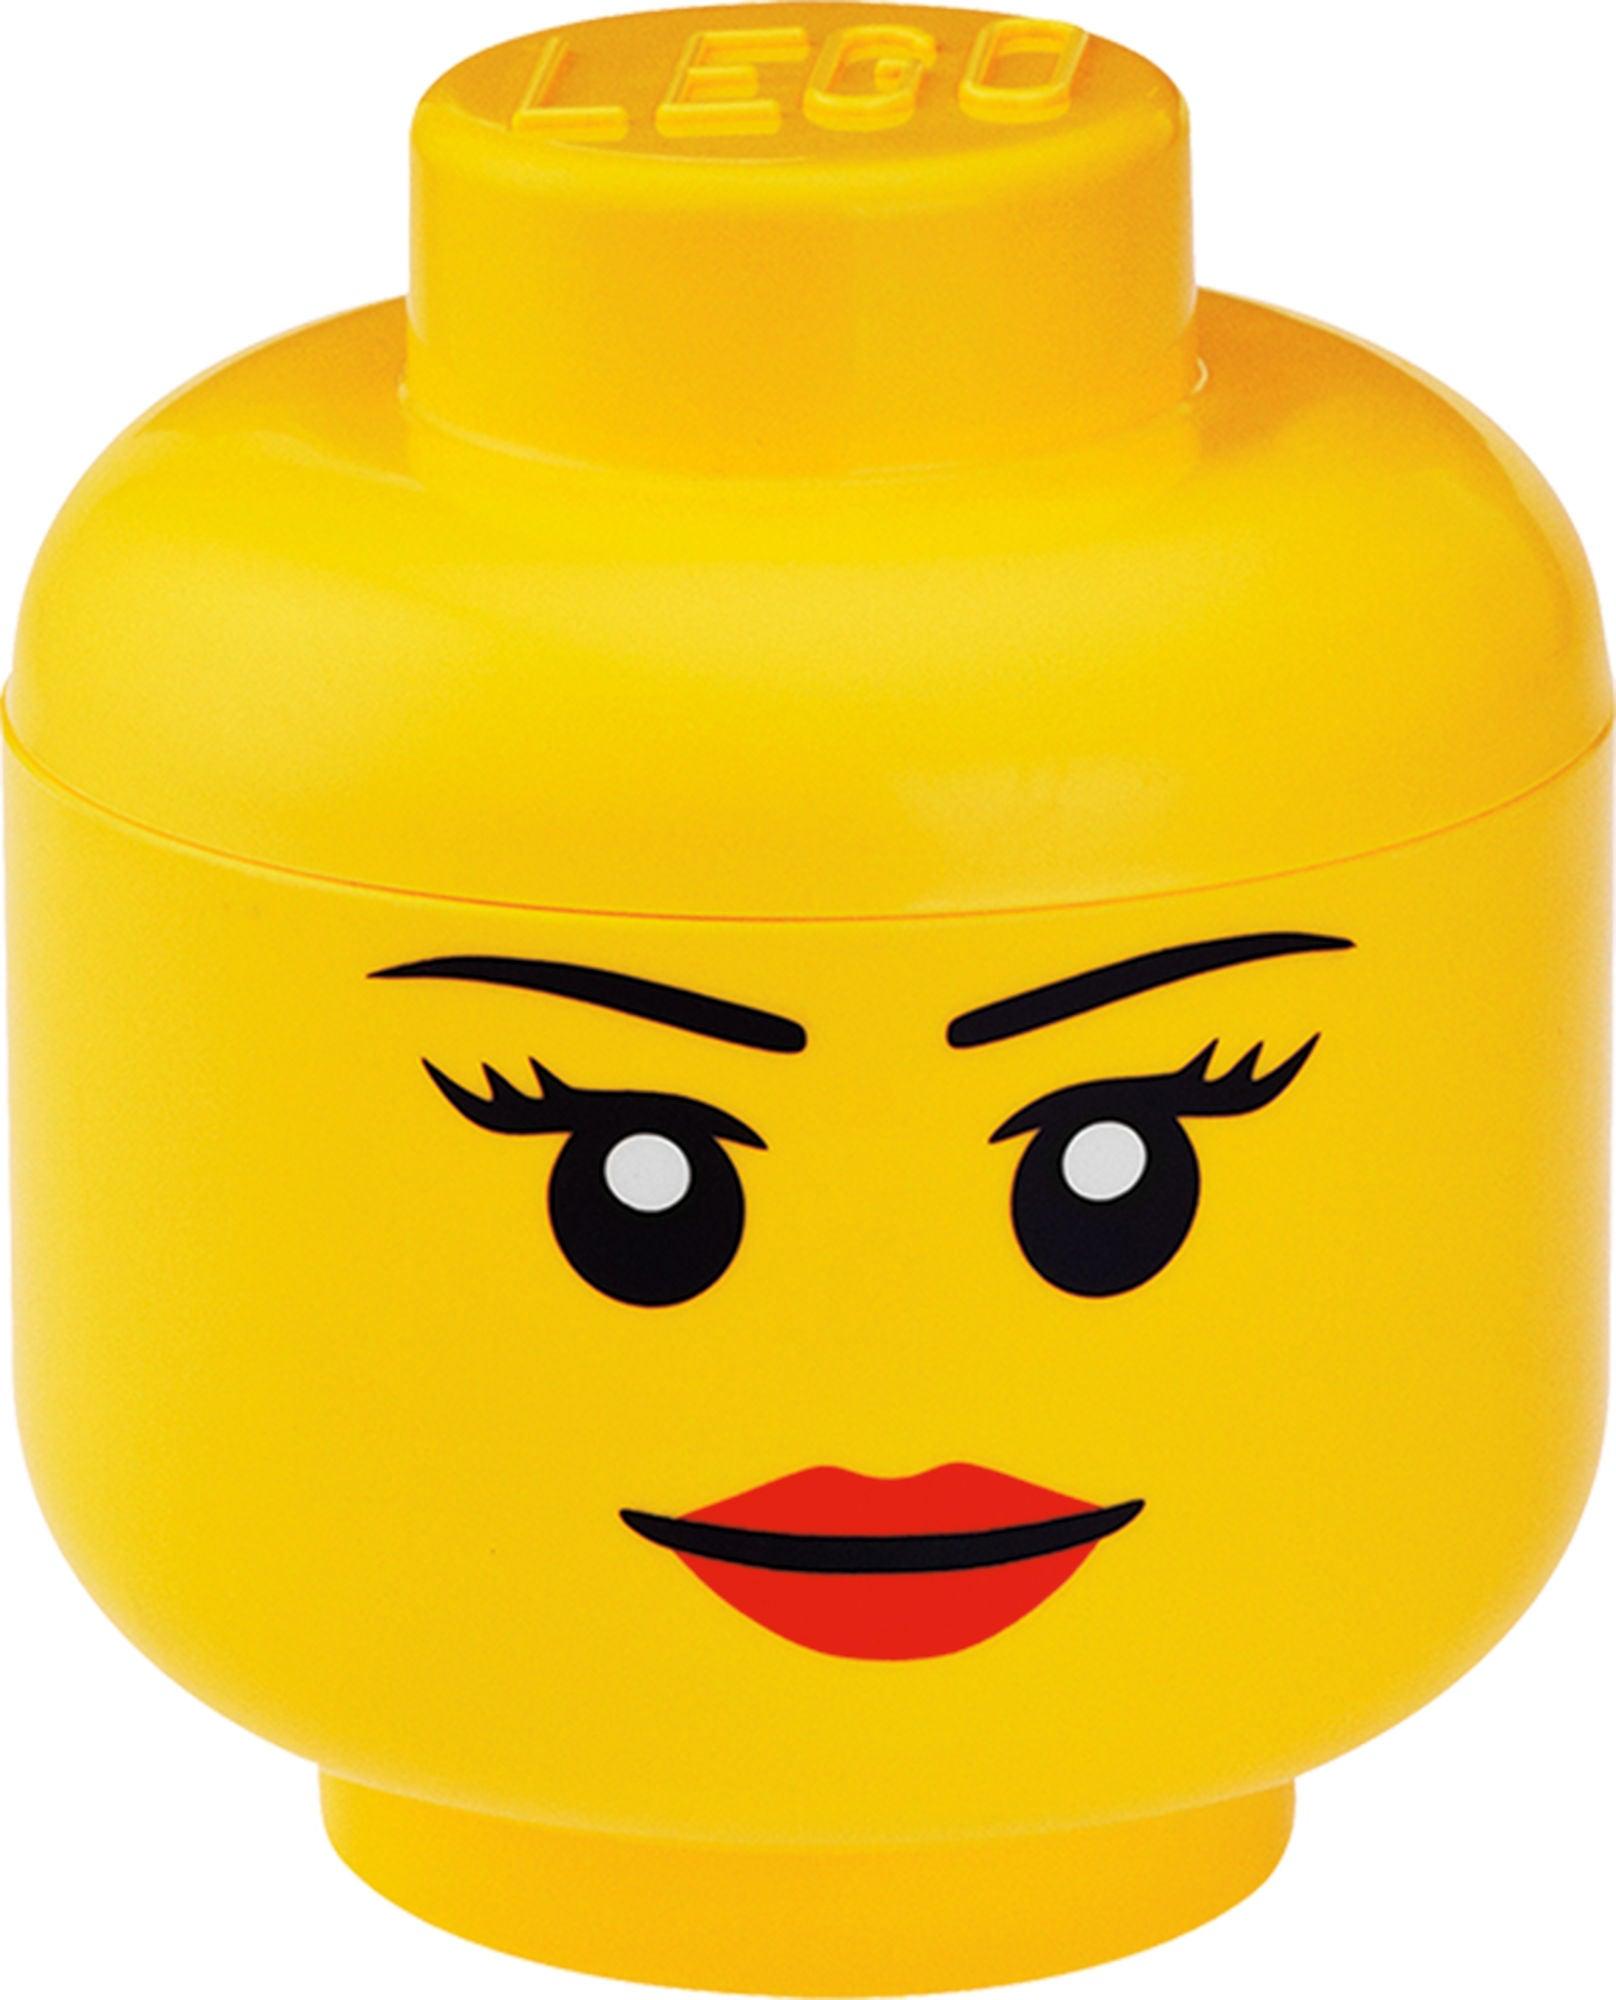 LEGO Säilytyslaatikko S Tyttö, Keltainen